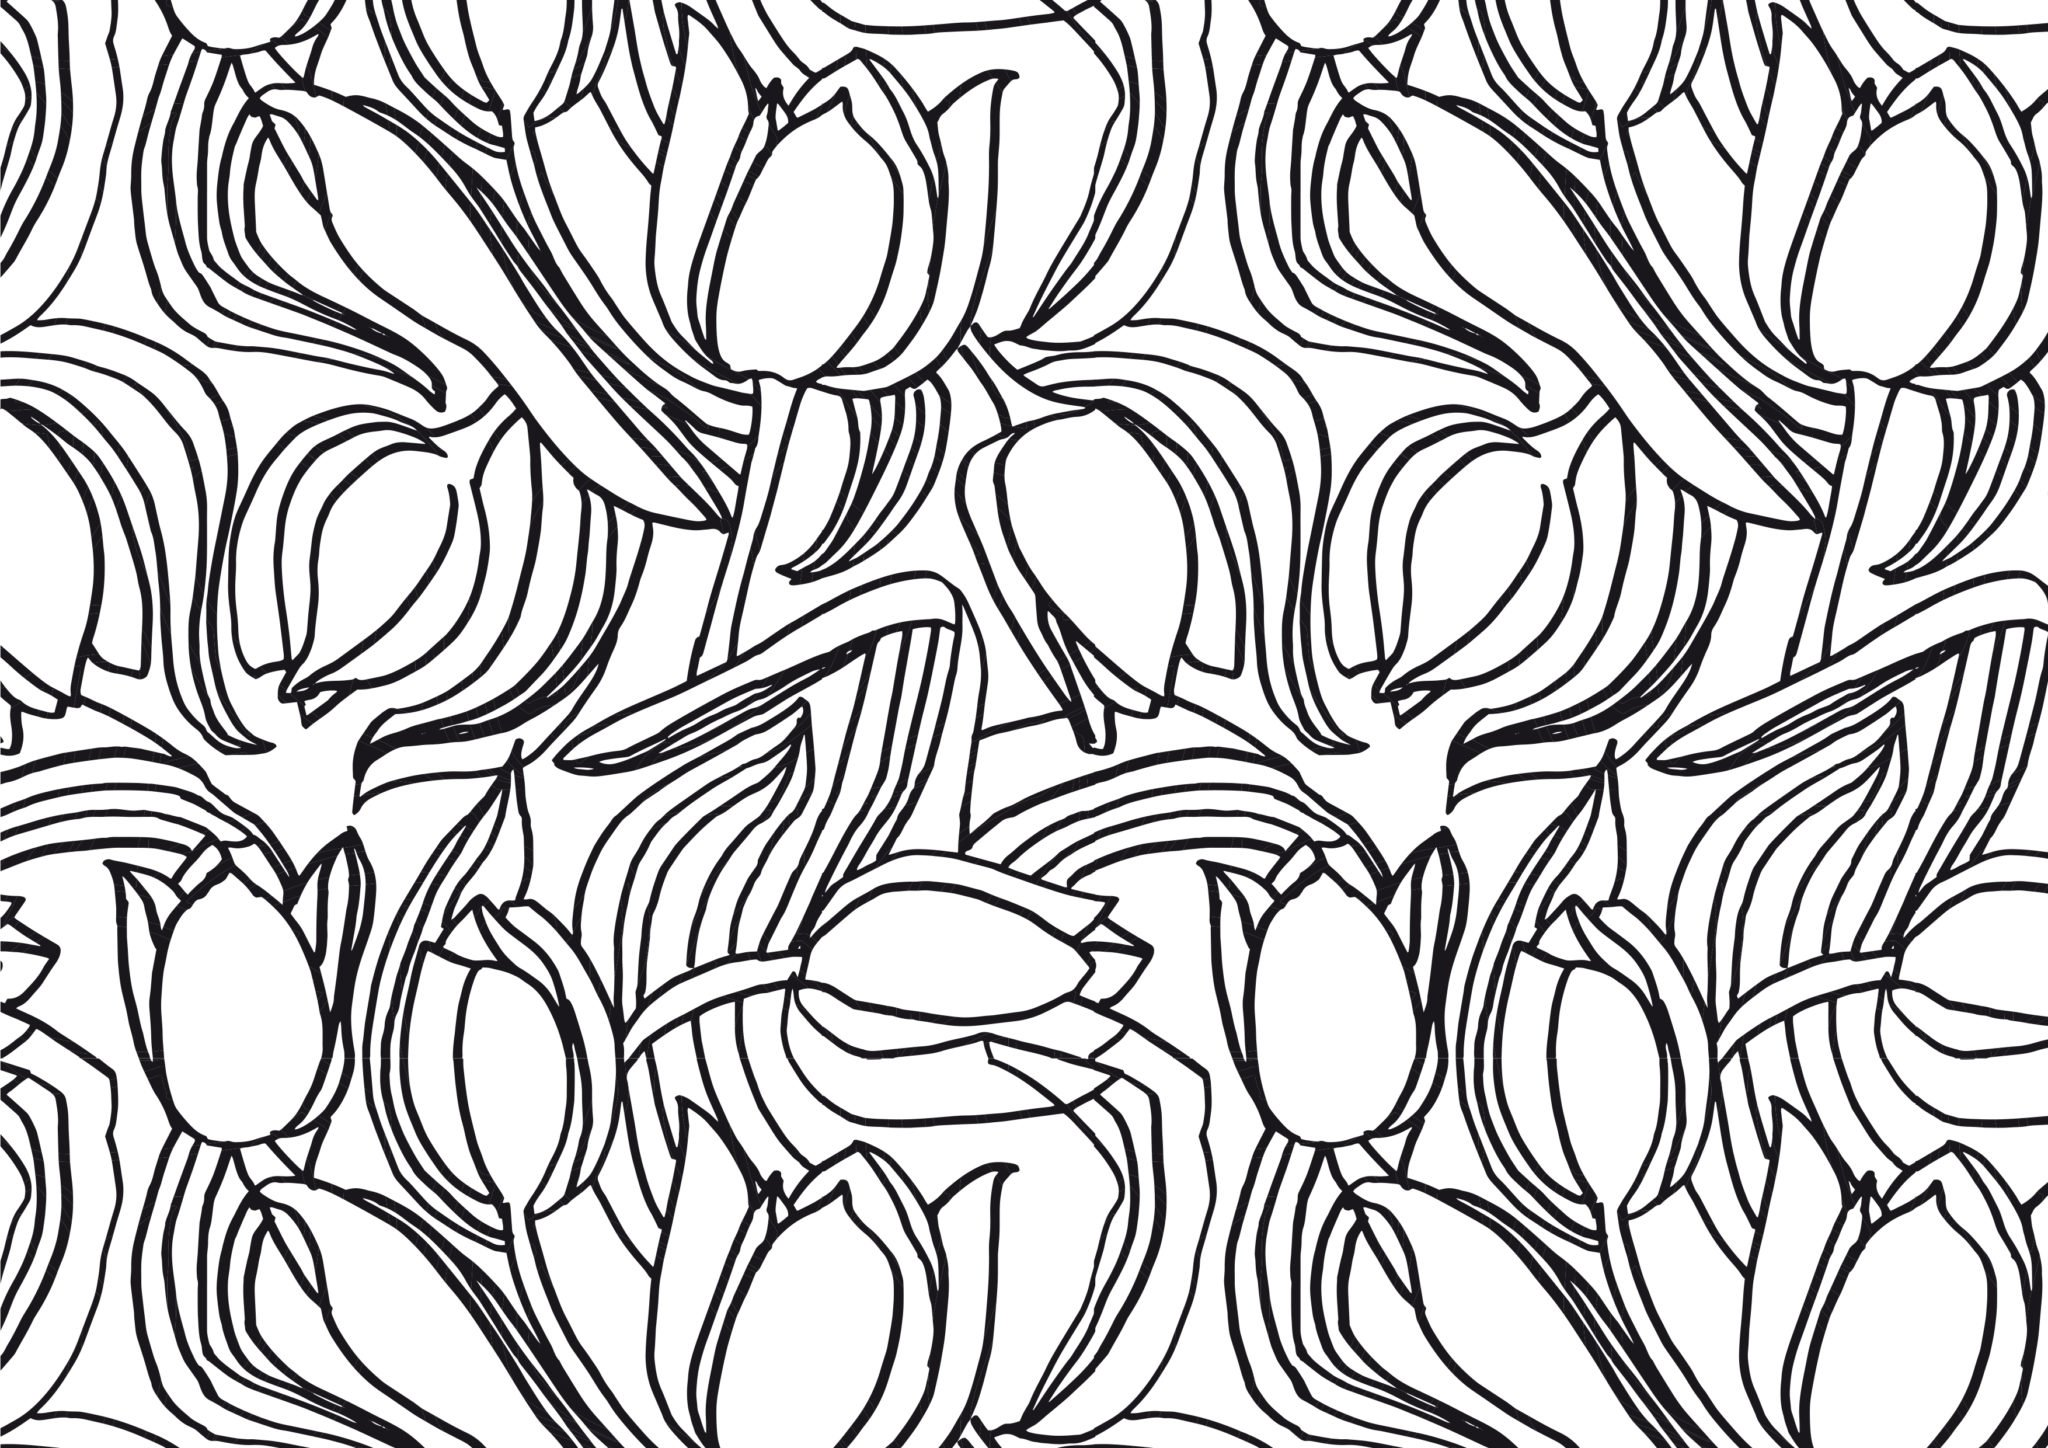 Ms:Hey! Muster per Hand zeichnen